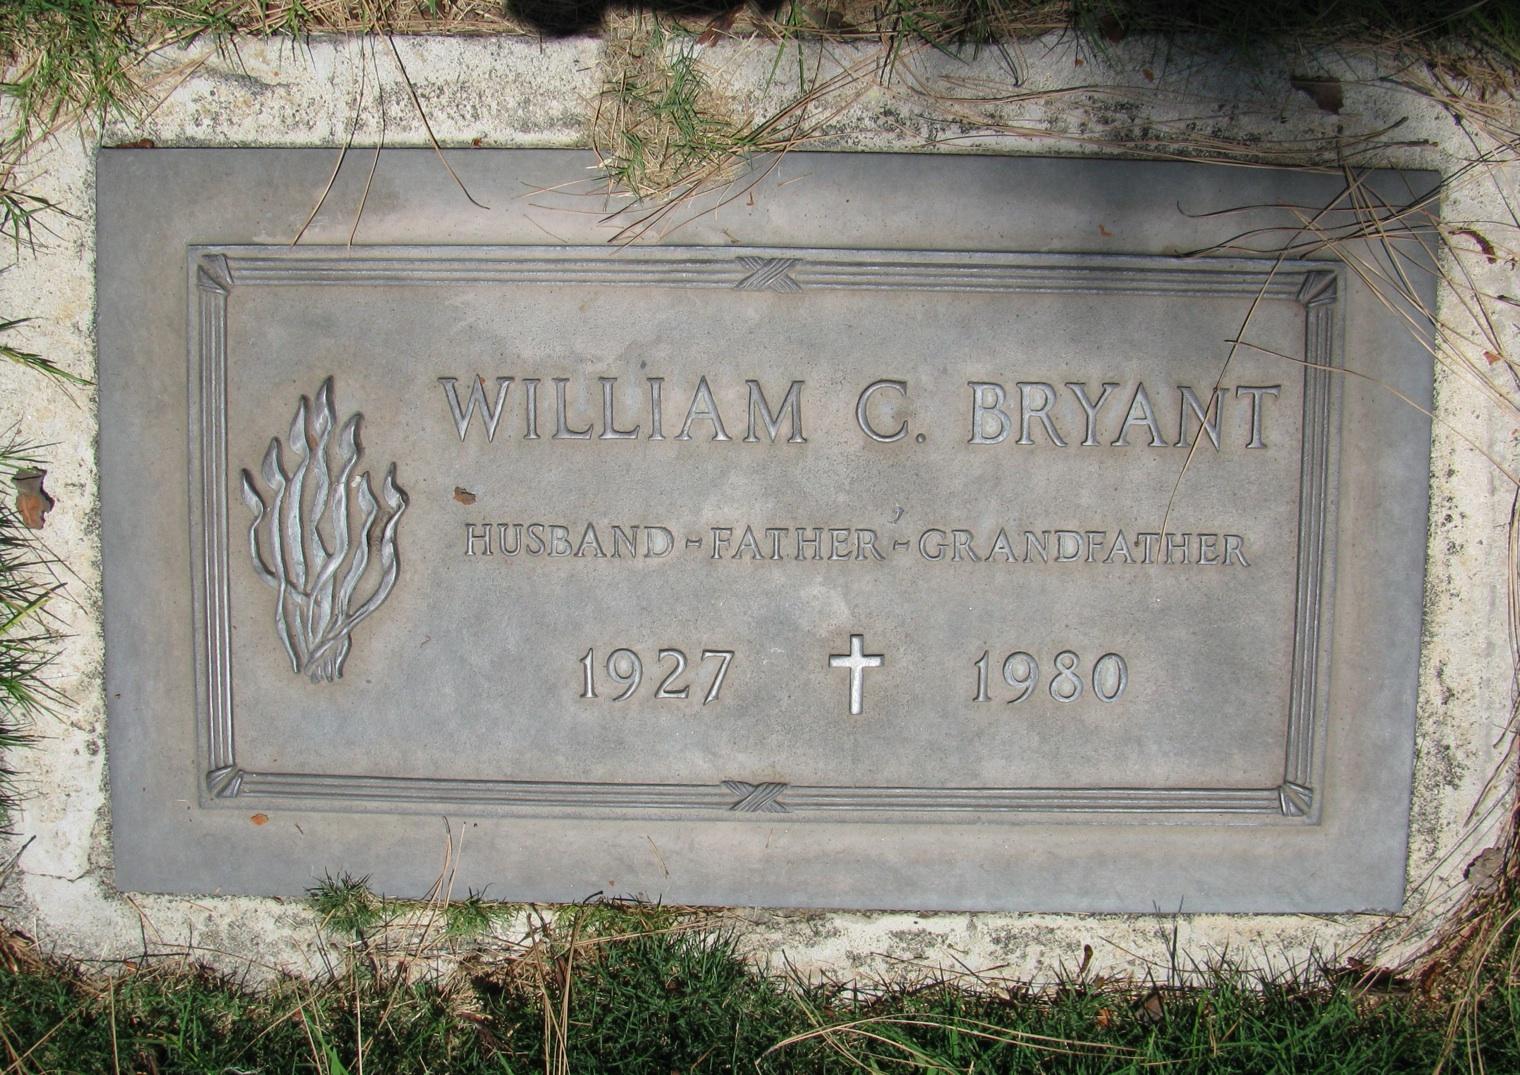 William Cornell Bryant